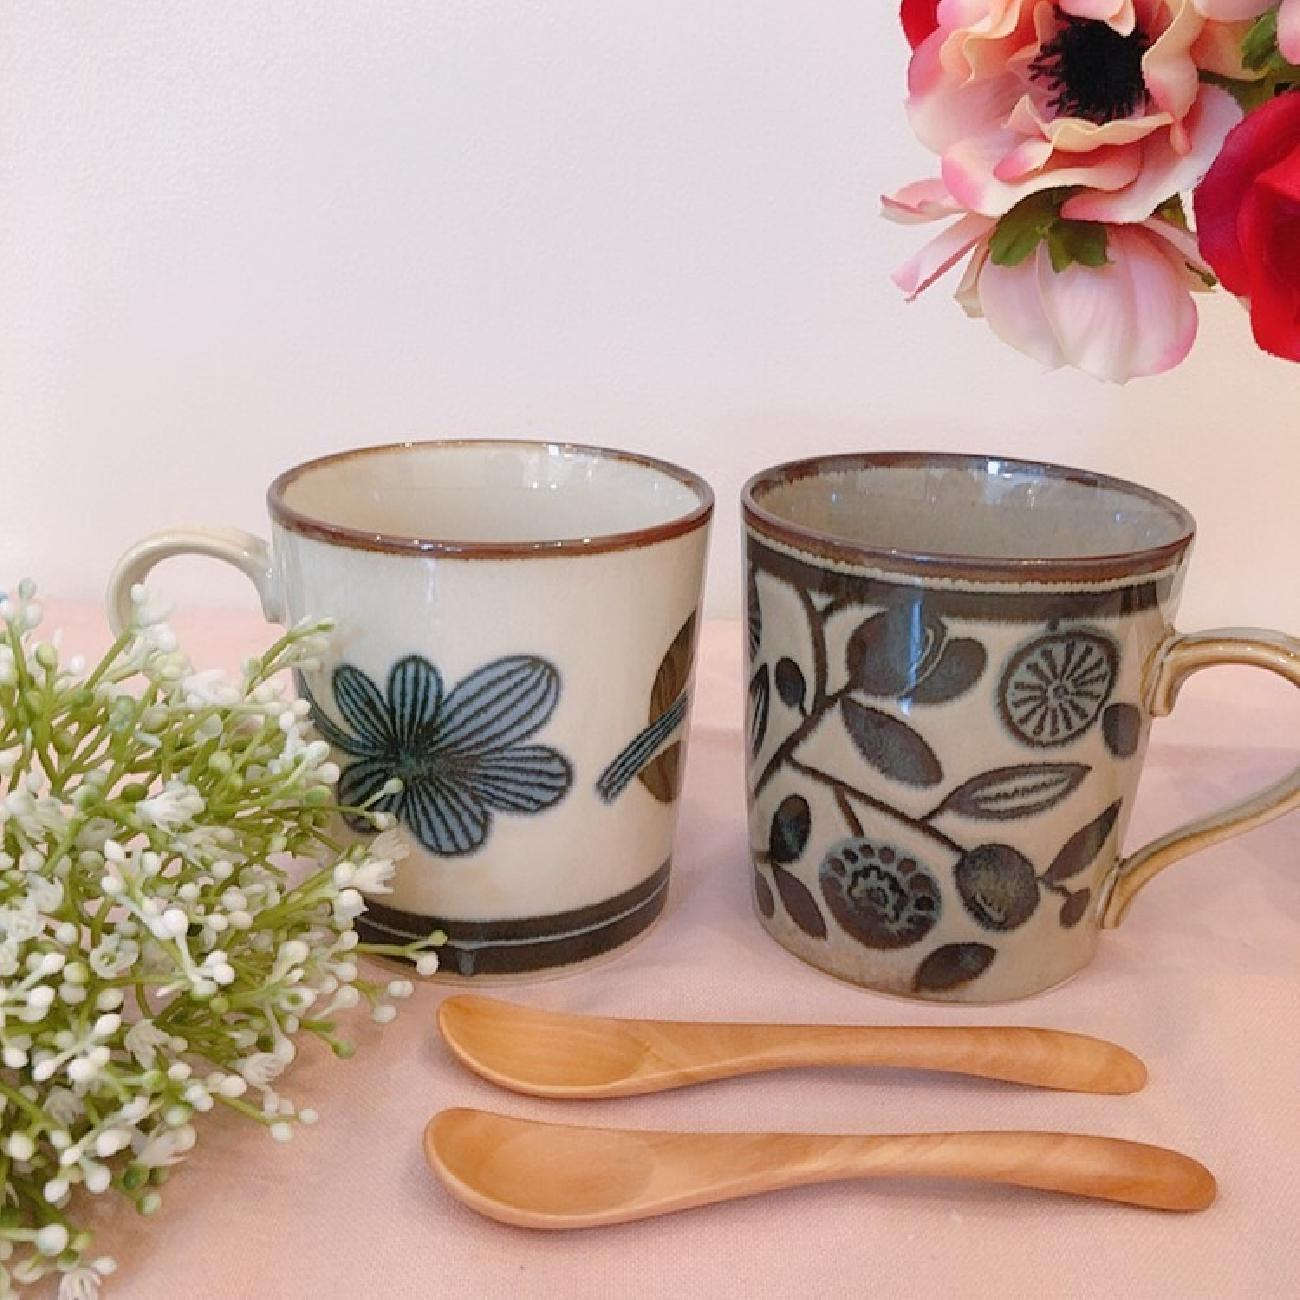 食器/マグカップ/カトラリー/ギフト/ギフトセット/プレゼント/贈りもの/キッチン雑貨